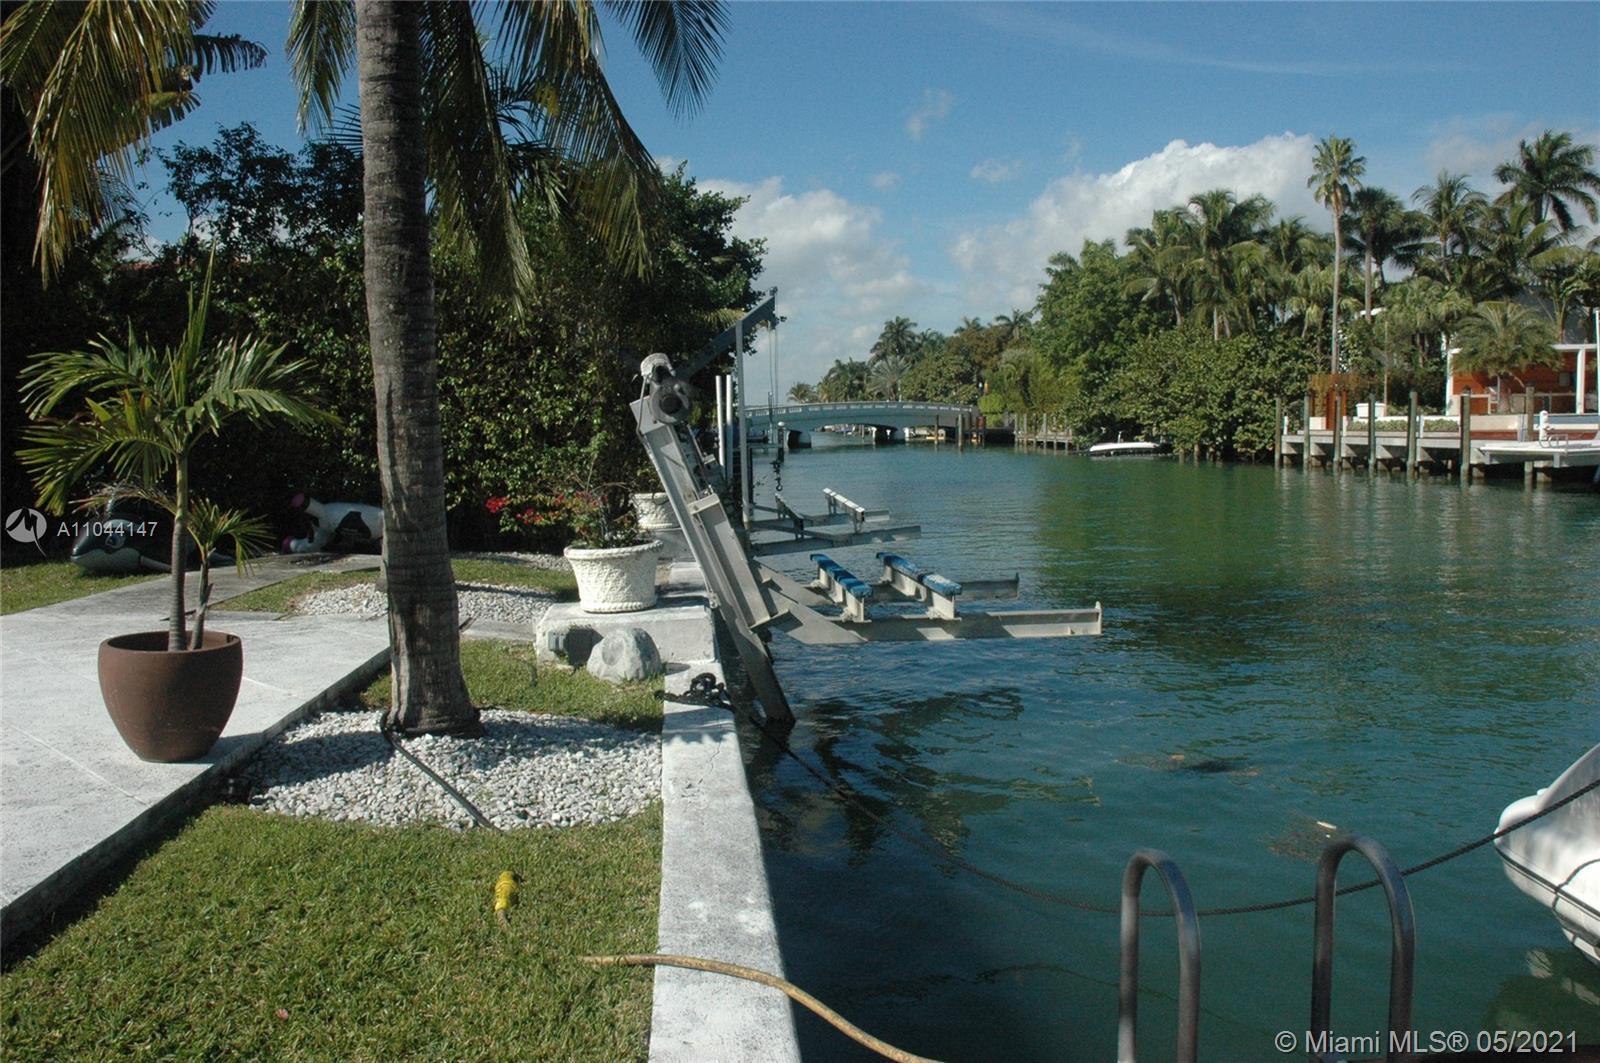 1431 22 st- miami-beach-fl-33140-a11044147-Pic01